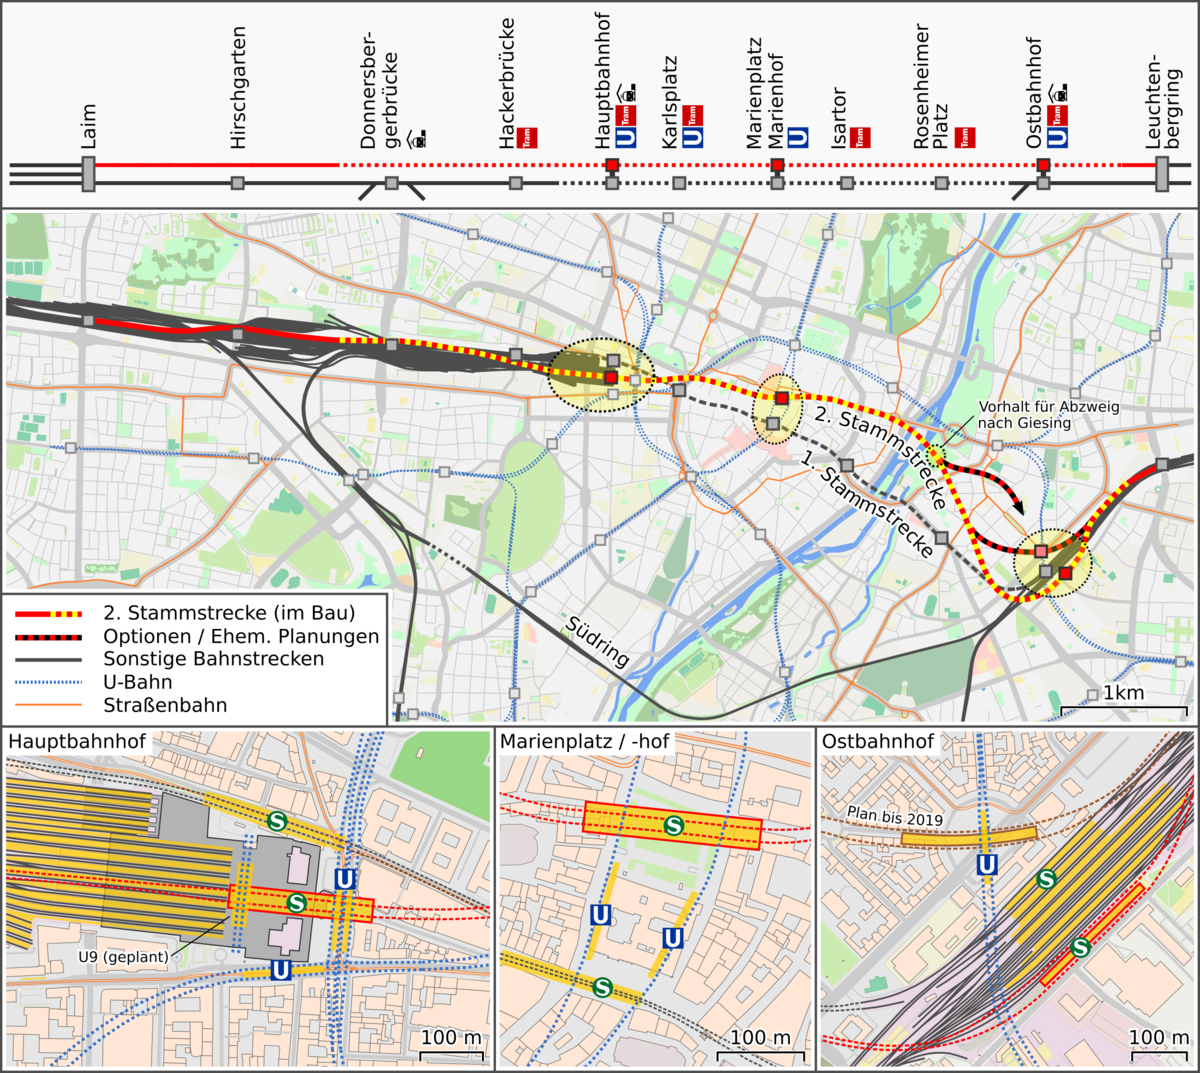 S Bahn Karte München.Trunk Line 2 Munich S Bahn Wikipedia